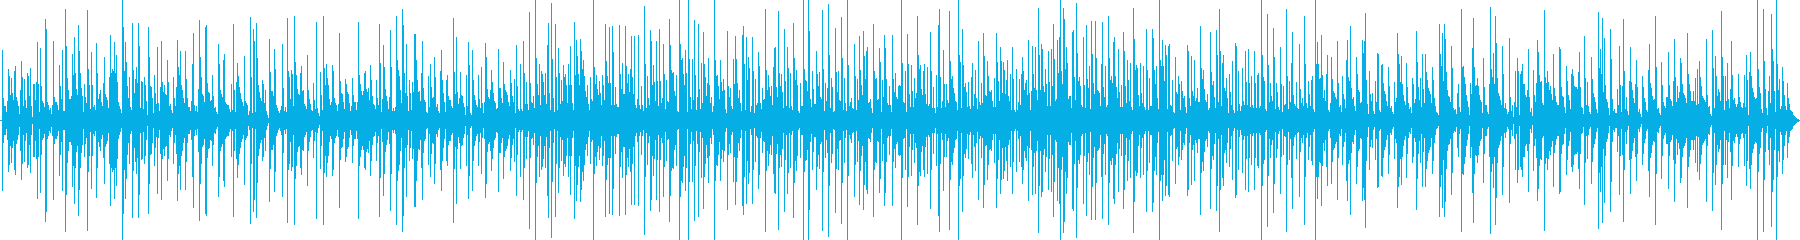 カクテルの似合うおしゃれピアノジャズバーの再生済みの波形